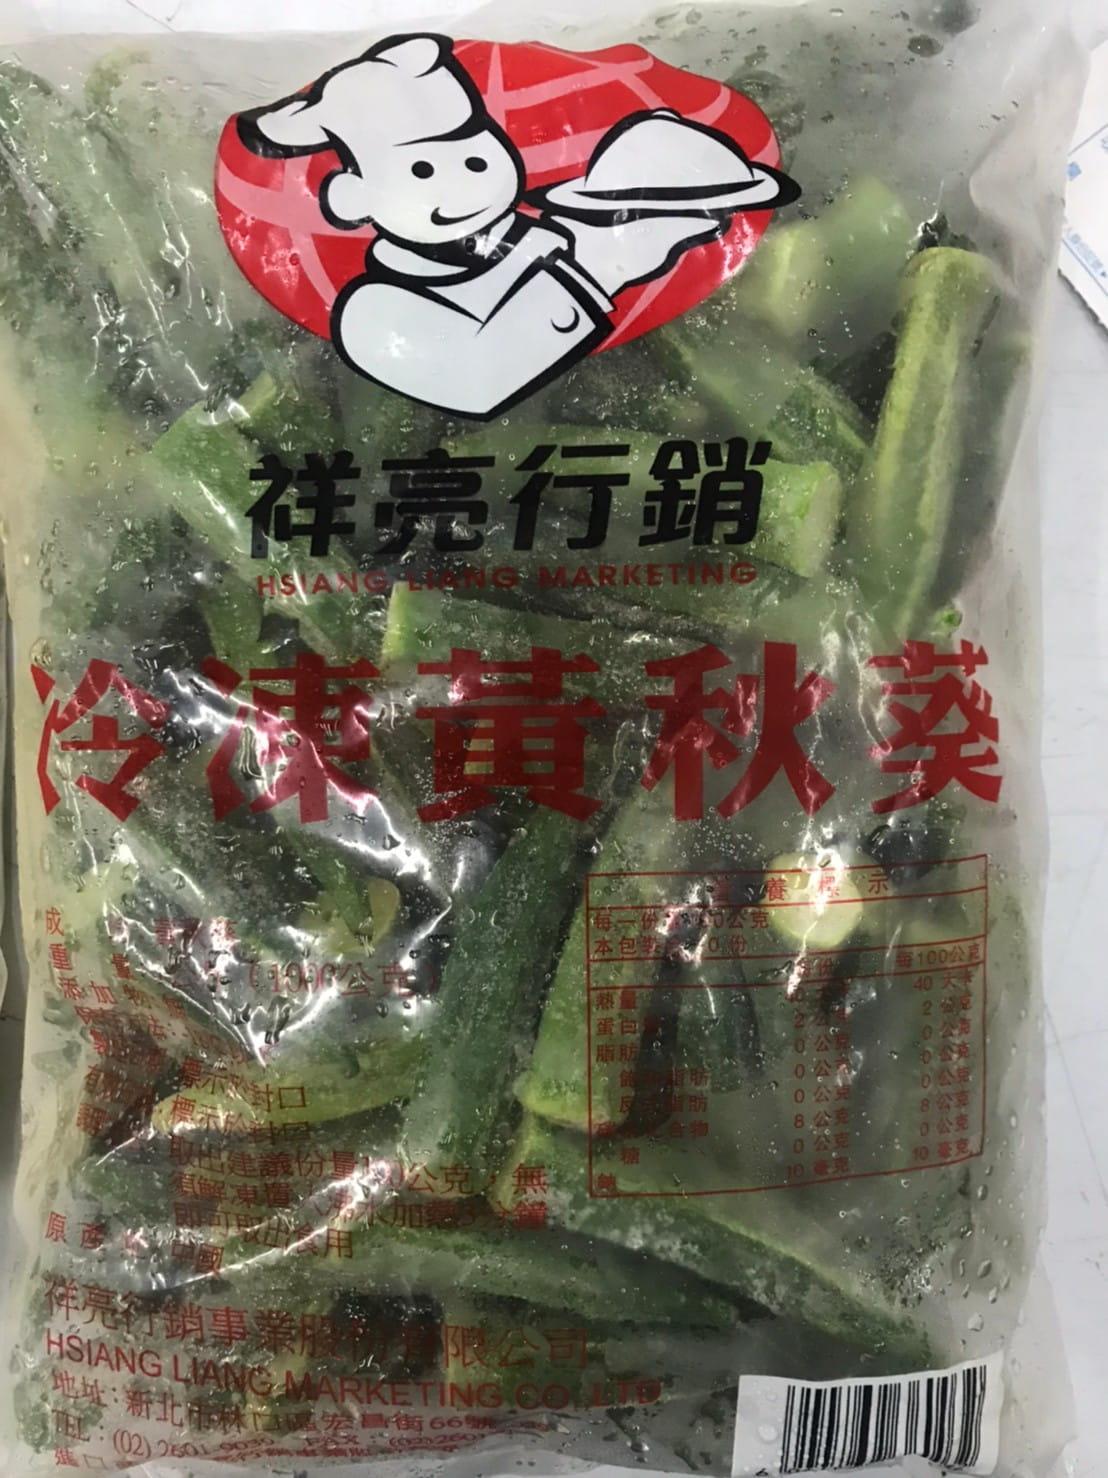 《極鮮配》頭好壯壯超新鮮零脂肪冷凍蔬菜系列 4